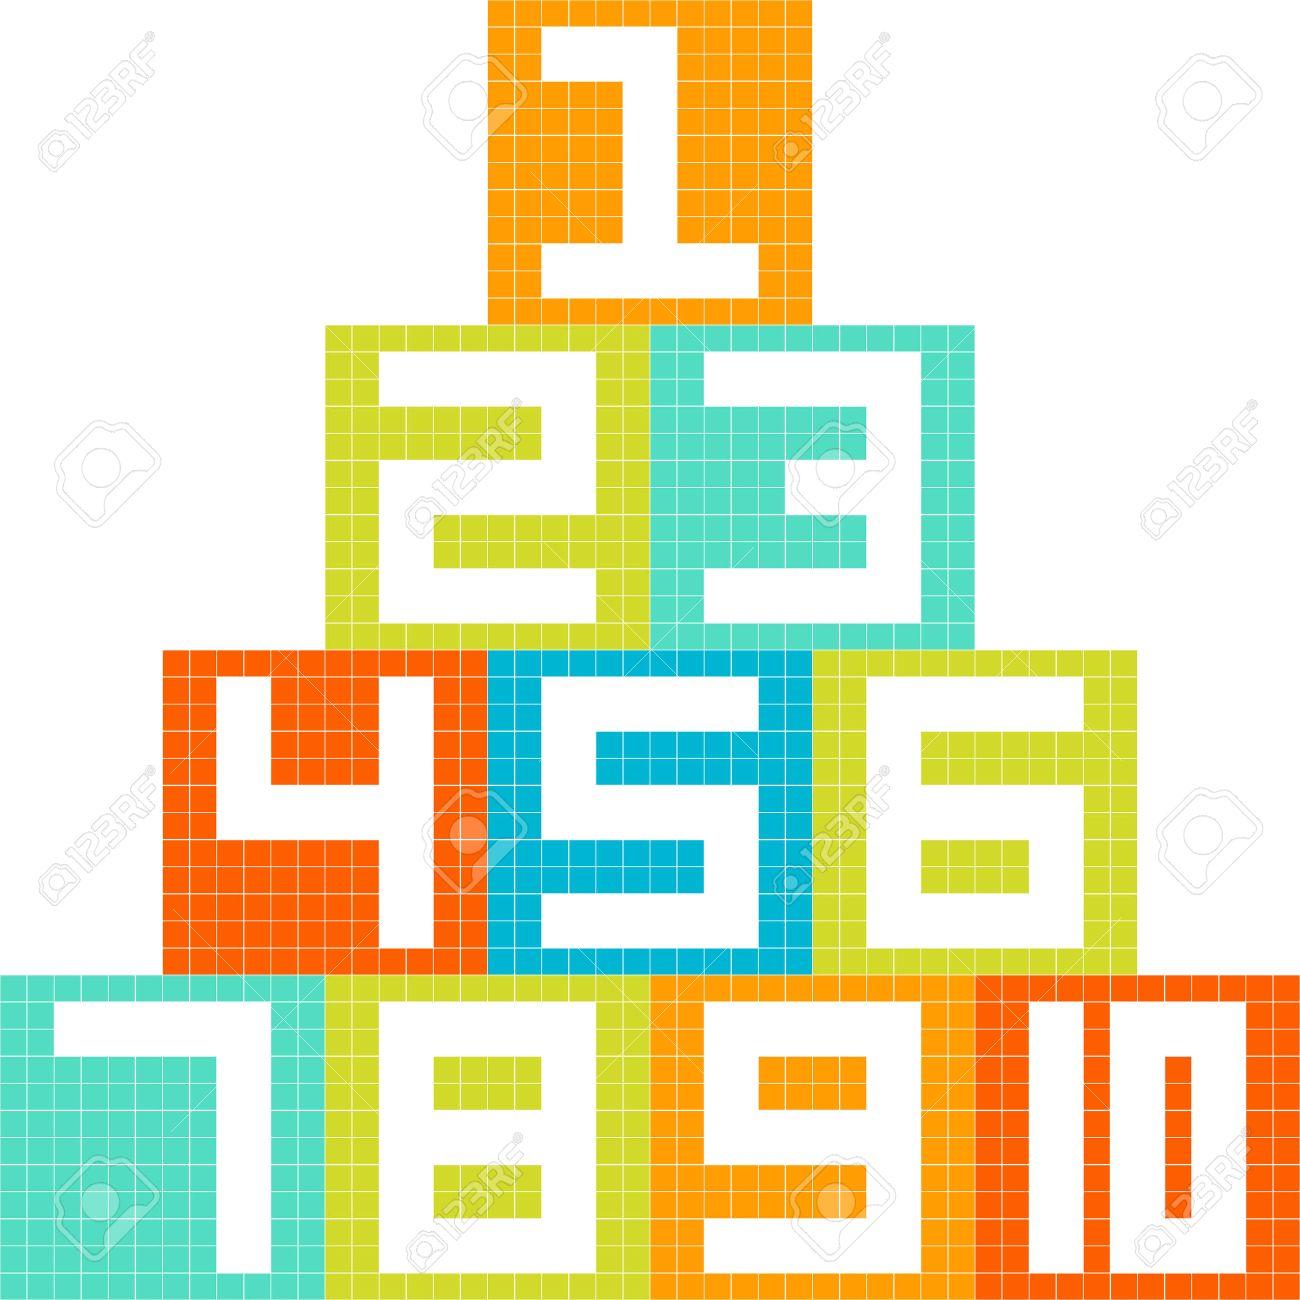 number 1 pixel art